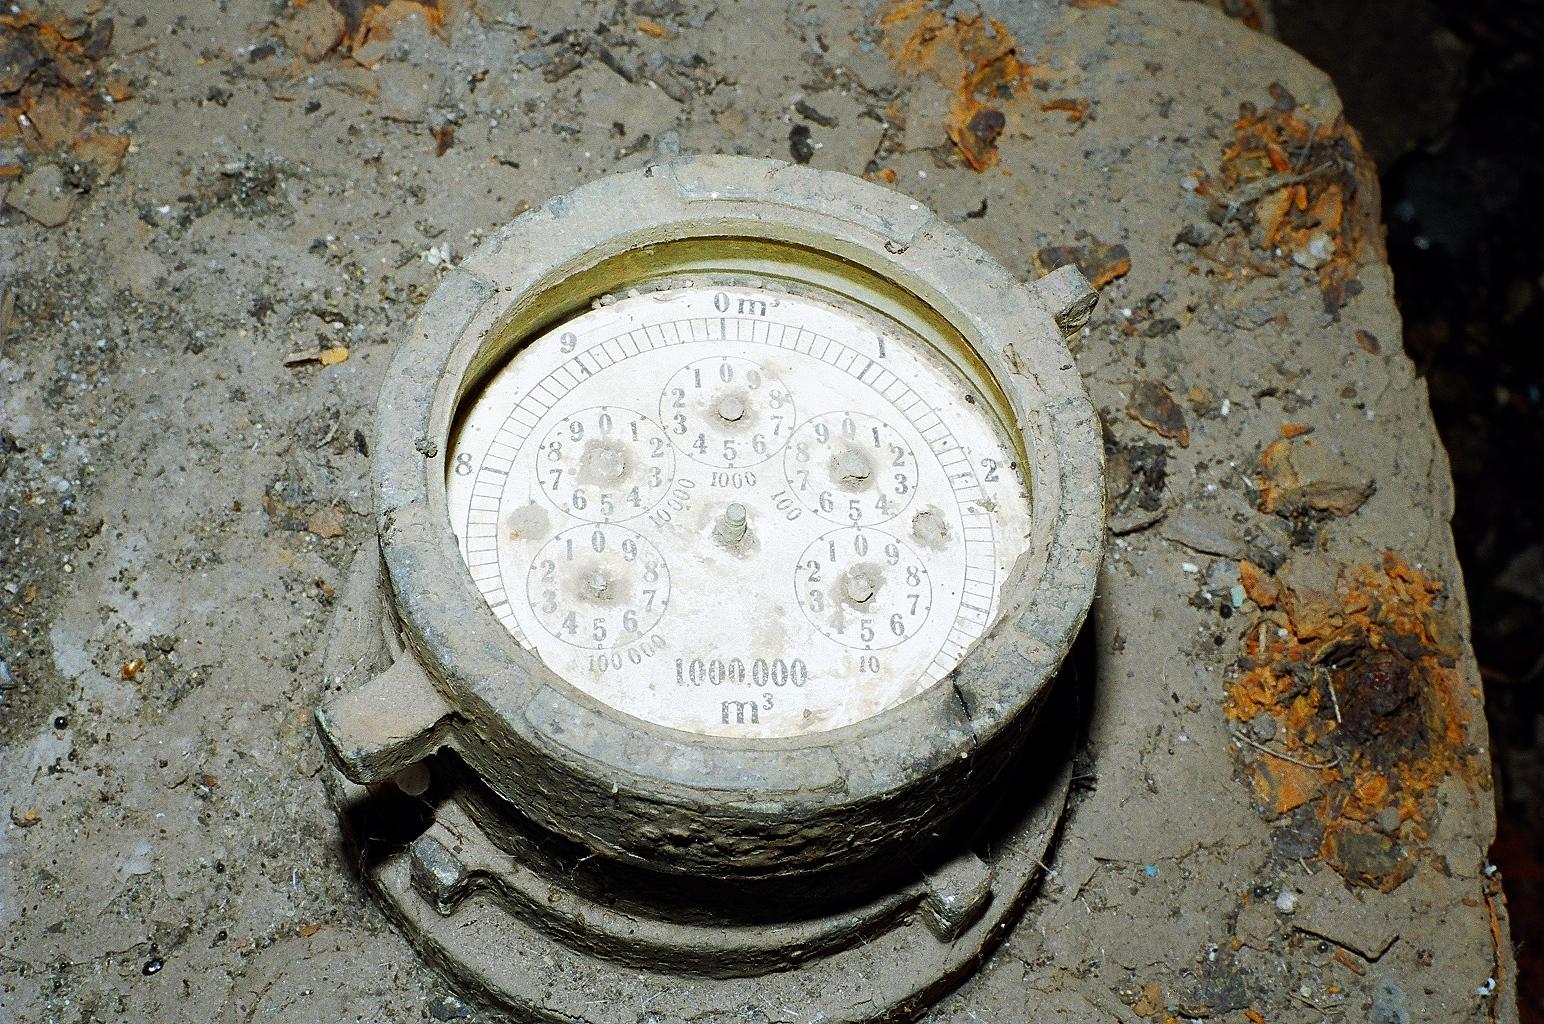 Перший водомір, який міряв воду відрами